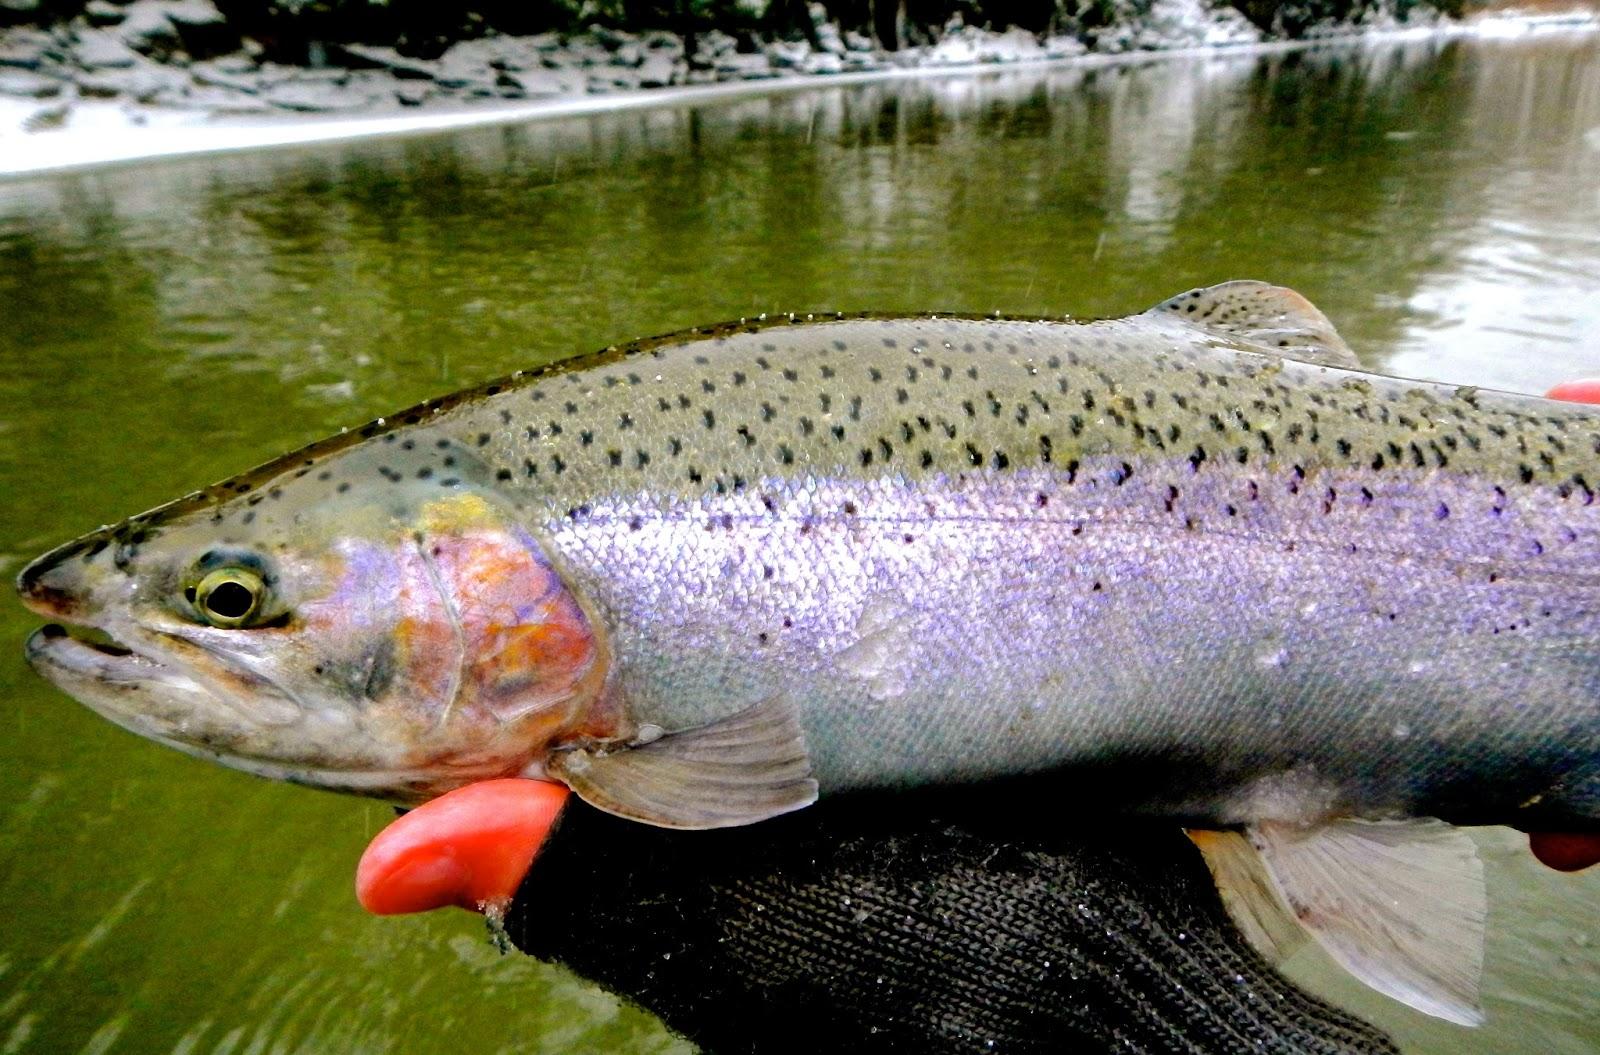 D h lake erie steelhead fishing report 12 27 13 for Erie steelhead fishing report